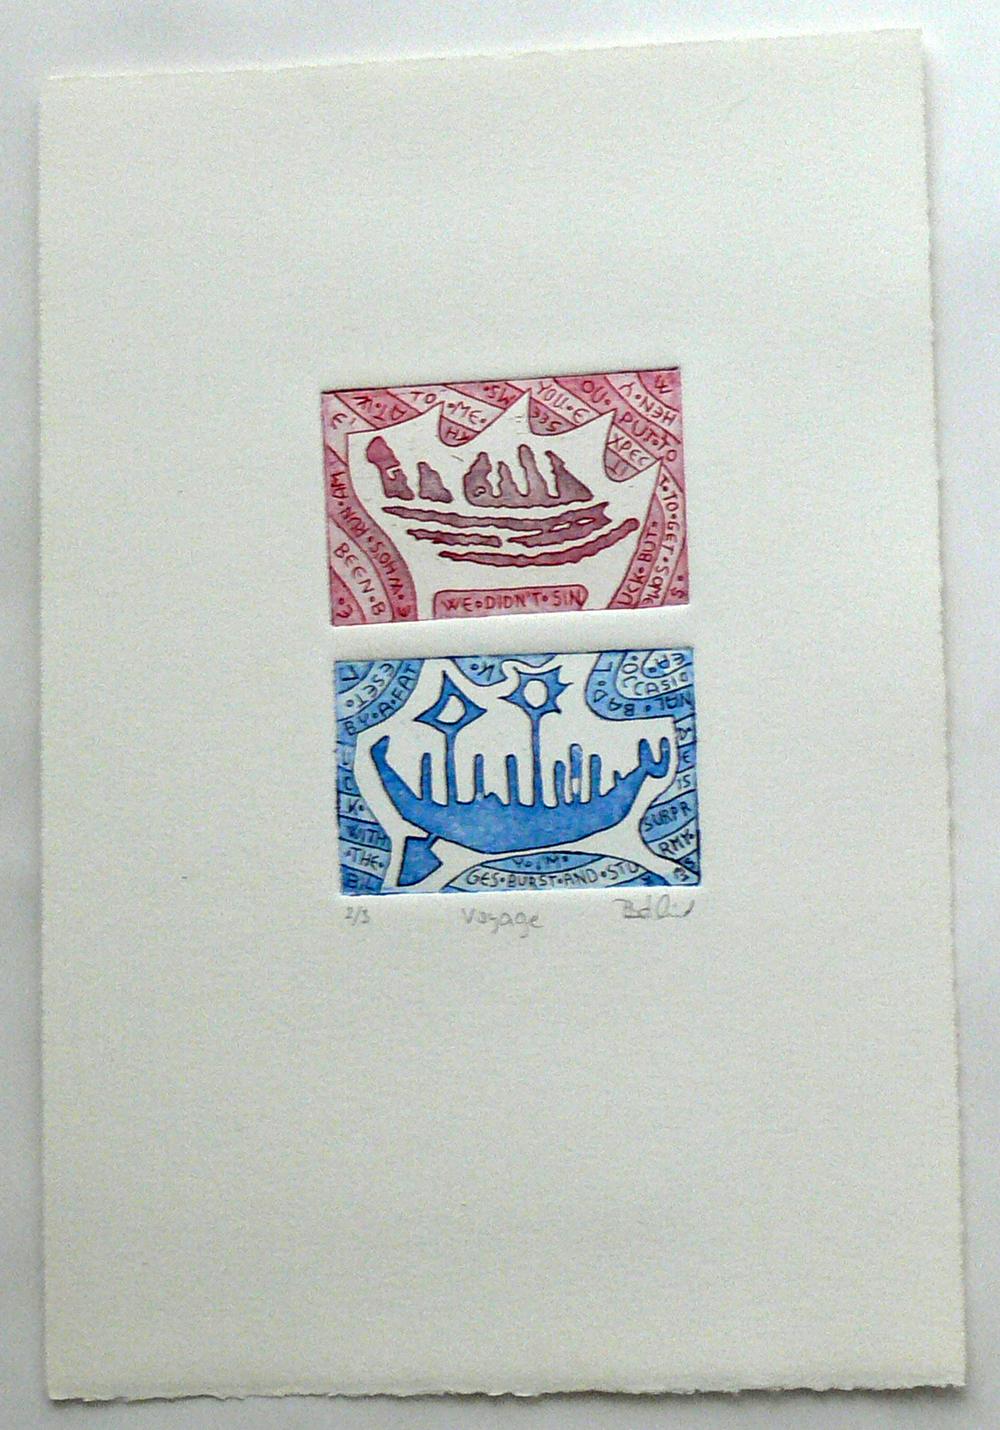 Voyage (etching)